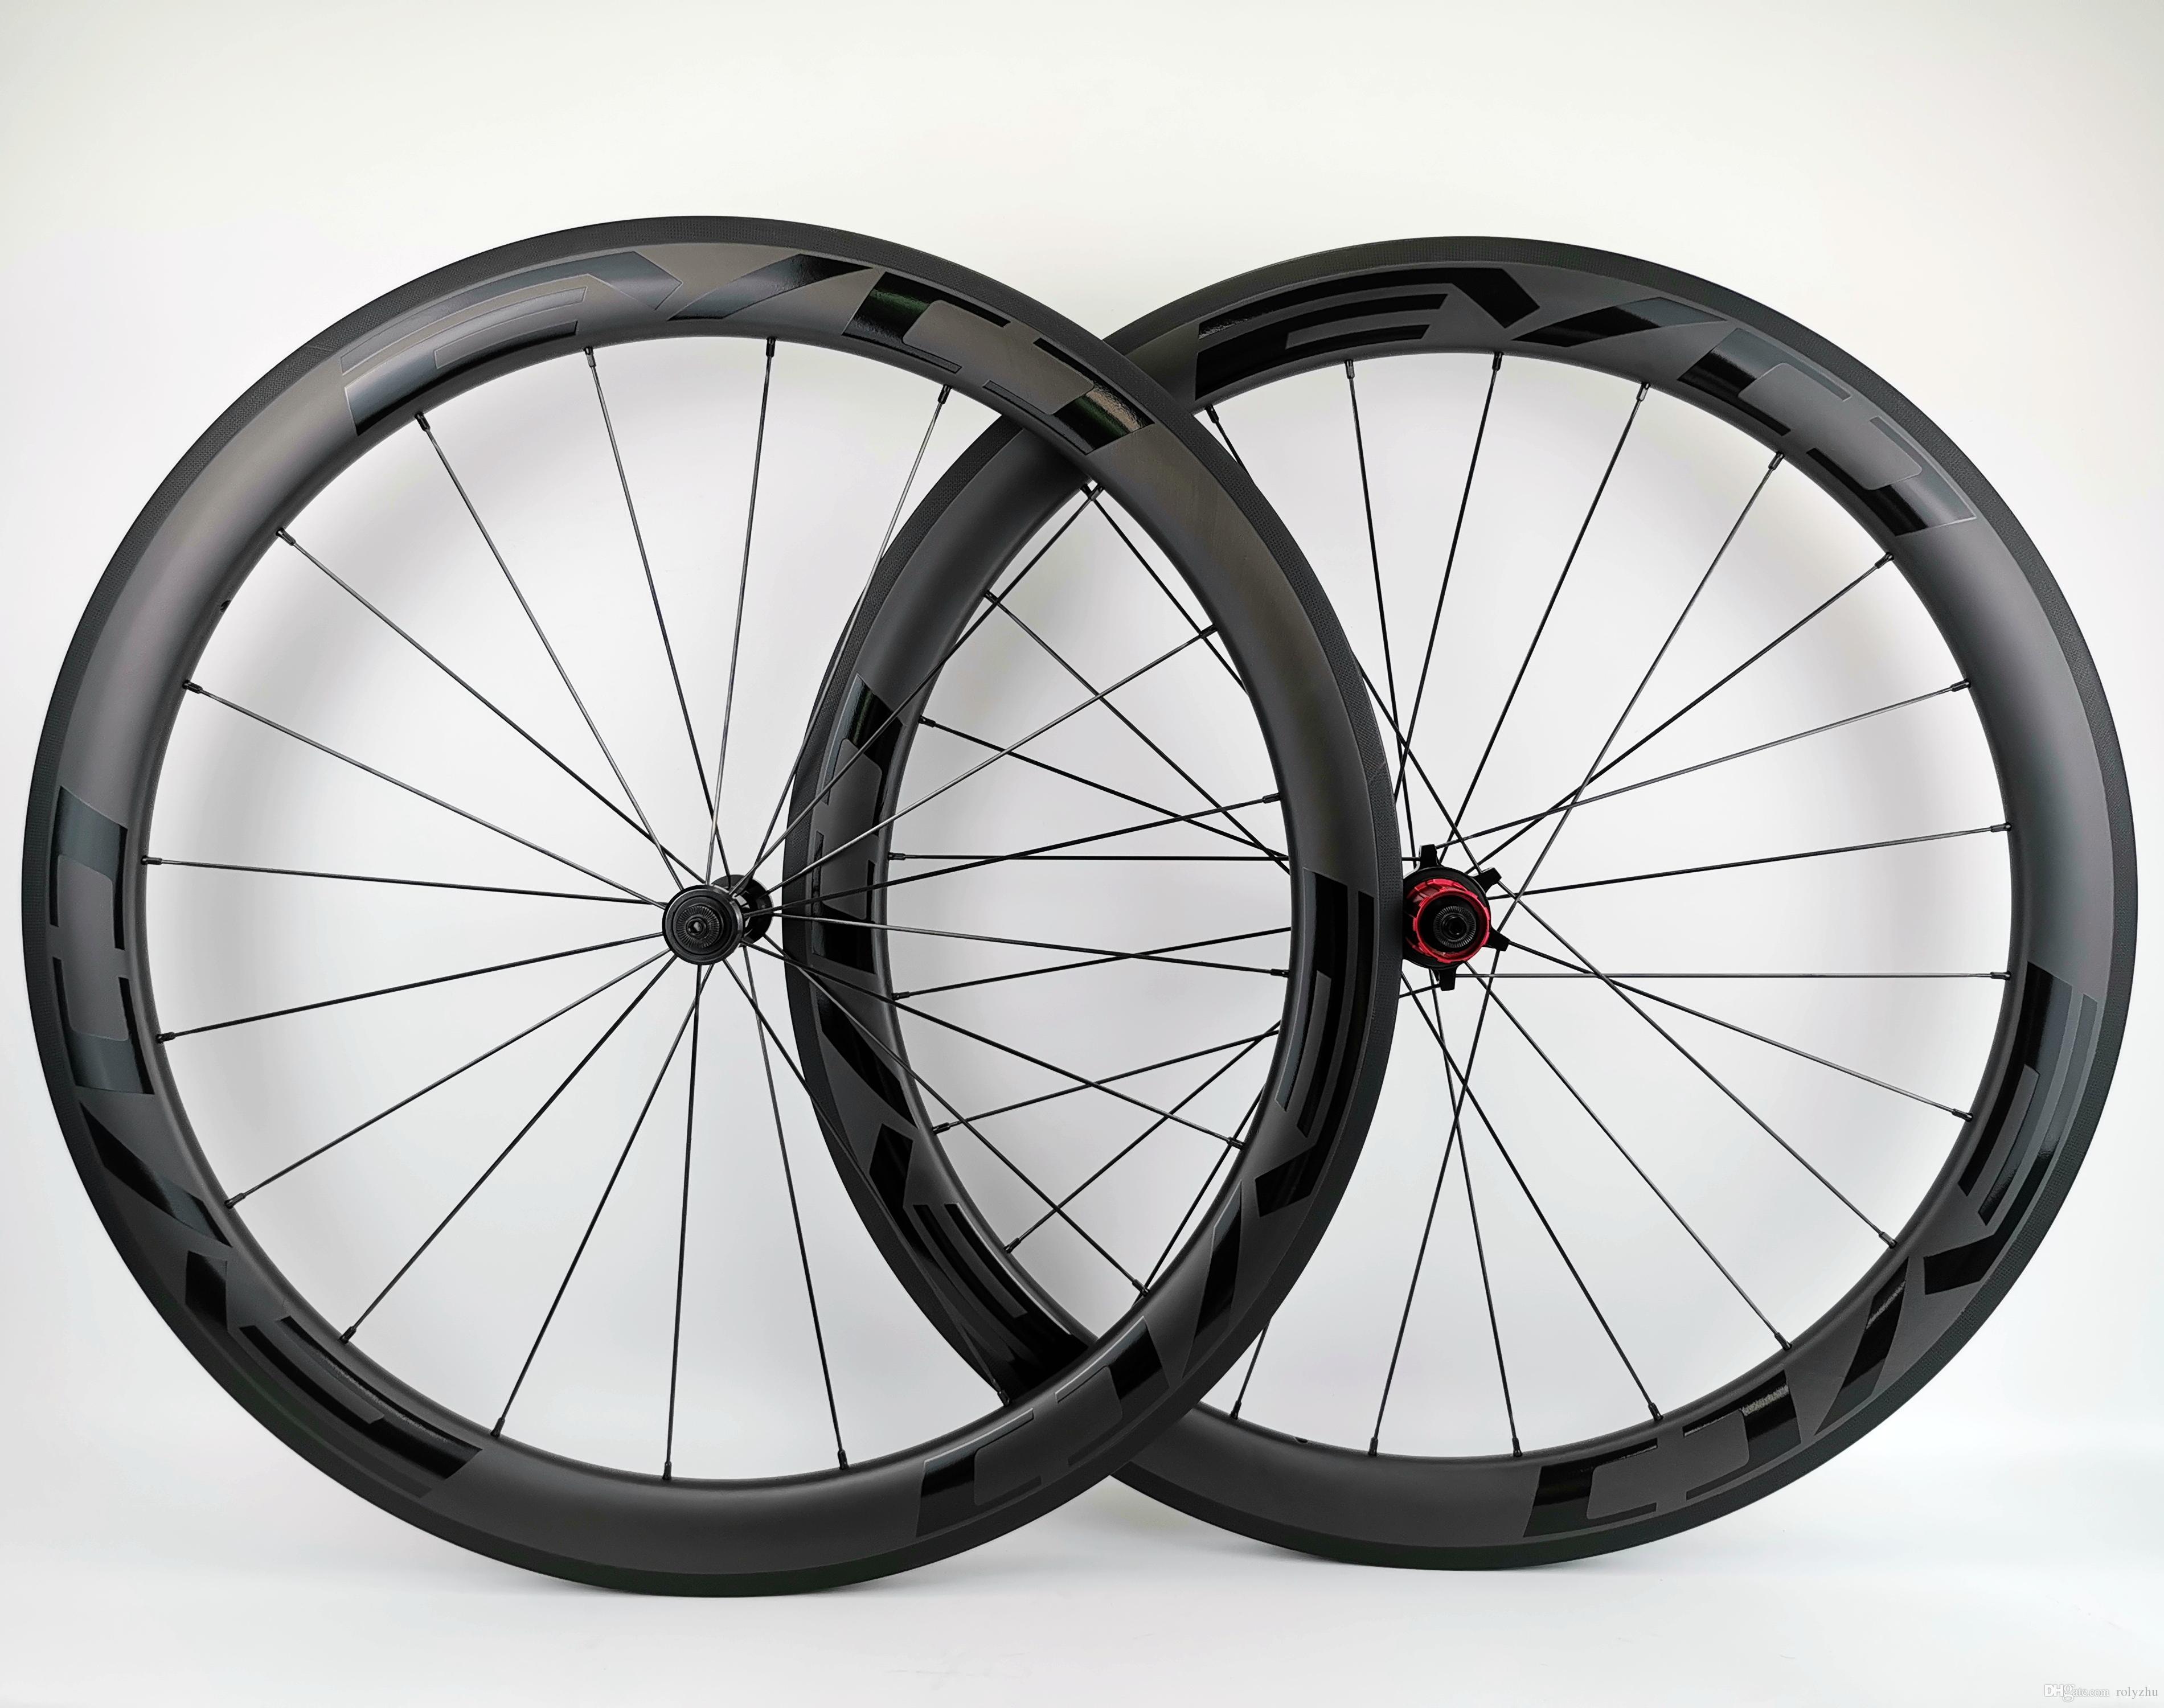 EVO 블랙 데칼이있는 완전 탄소 바퀴 50mm 깊이 25mm 너비 탄소 바퀴 클린 처 / 관형 도로 탄소 자전거 바퀴